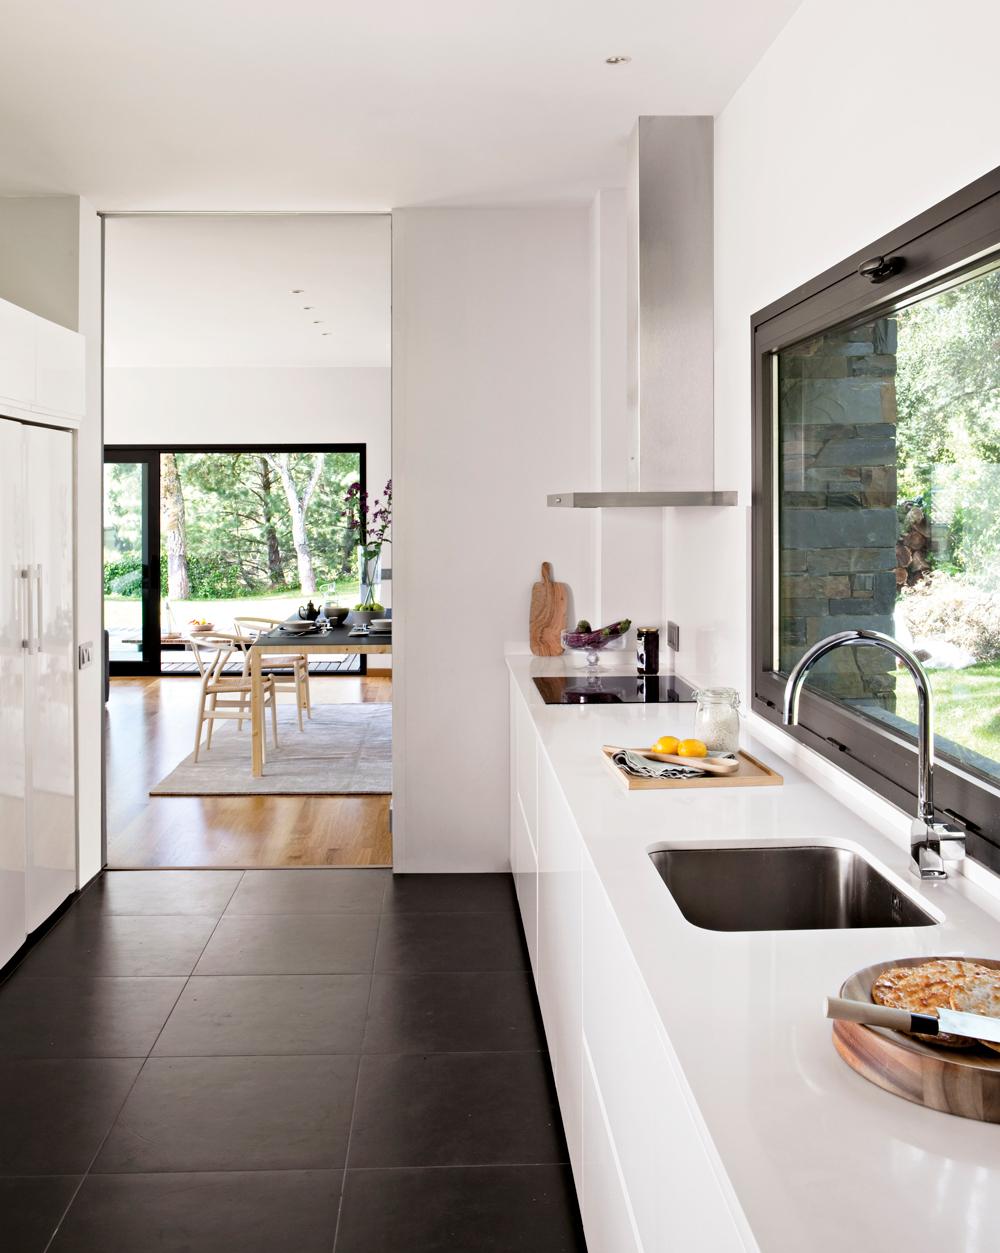 Elige el suelo m s resistente para tu cocina for Azulejos y suelos para cocinas